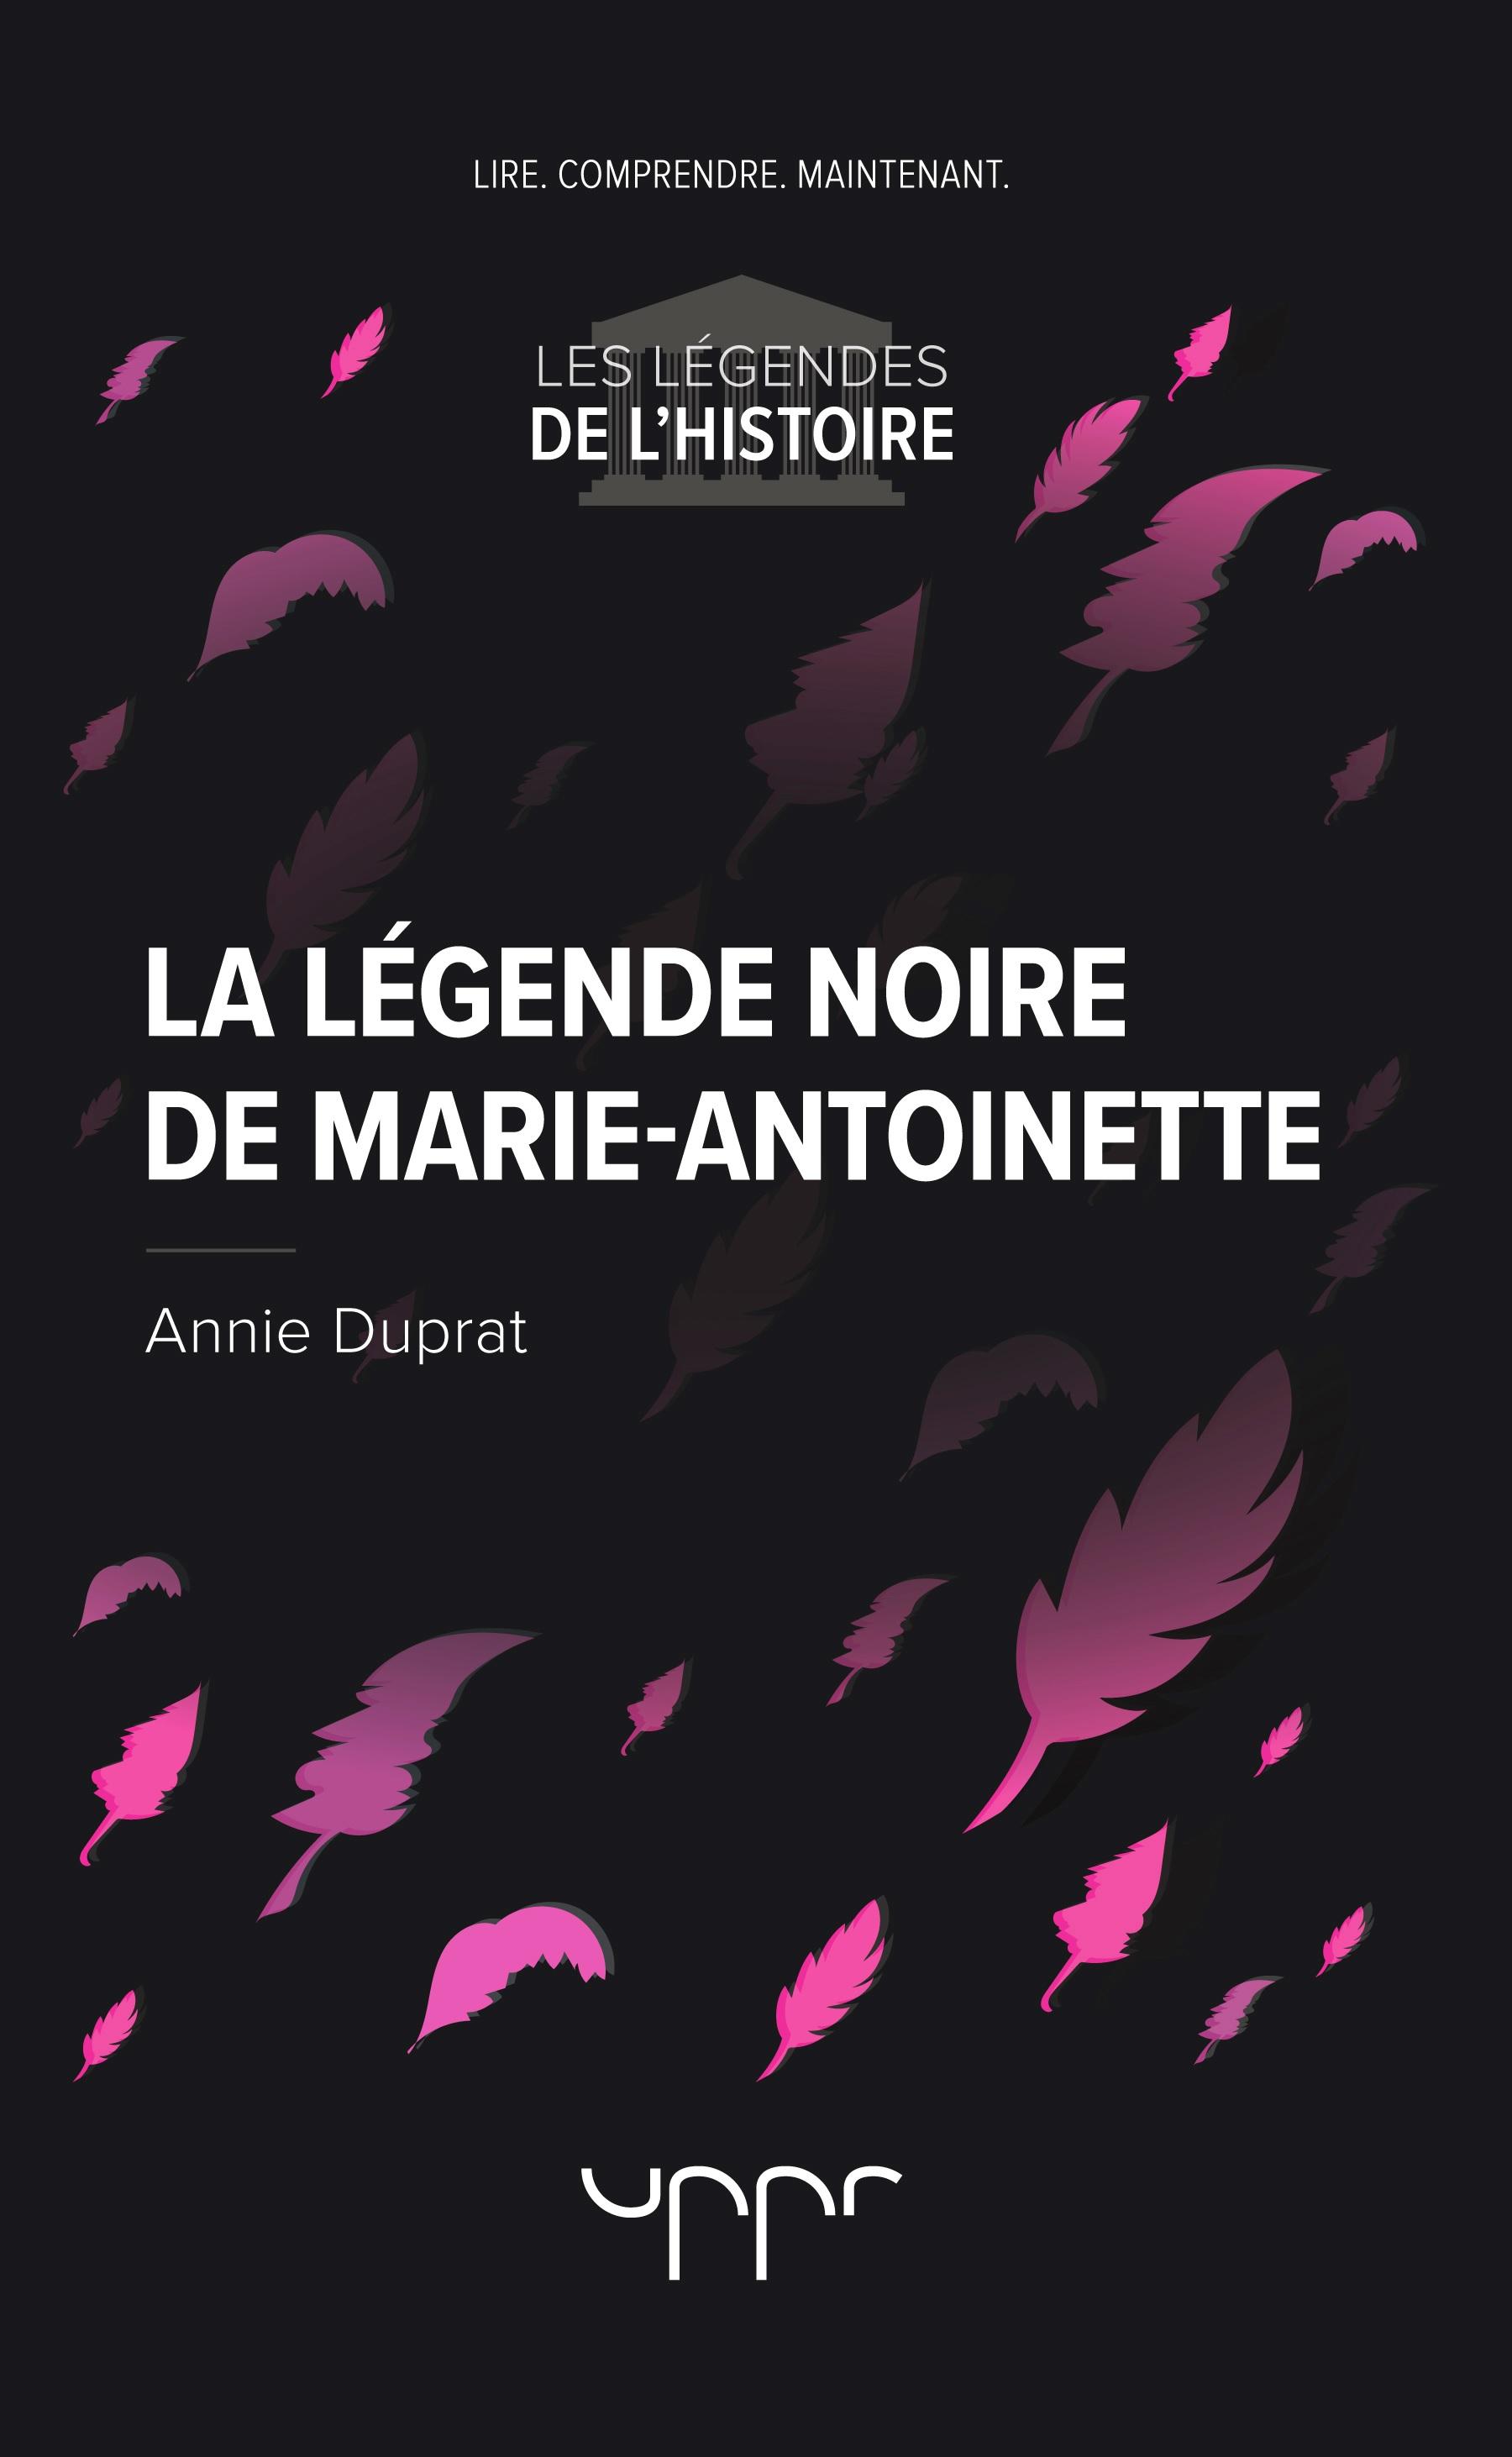 La légende noire de Marie-Antoinette